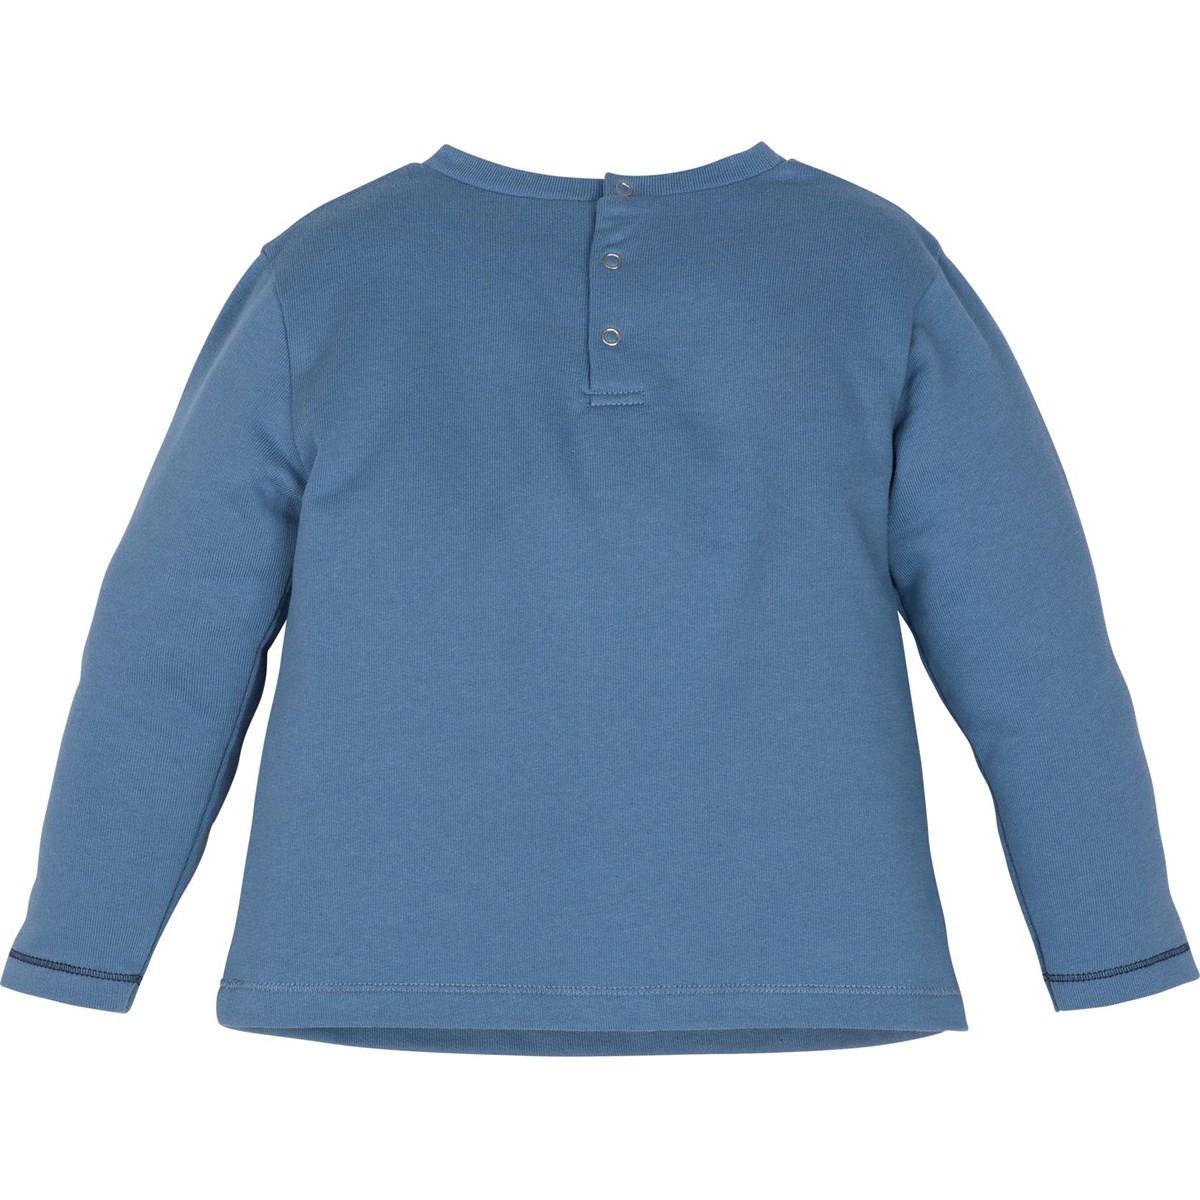 12664 Sweatshirt 2